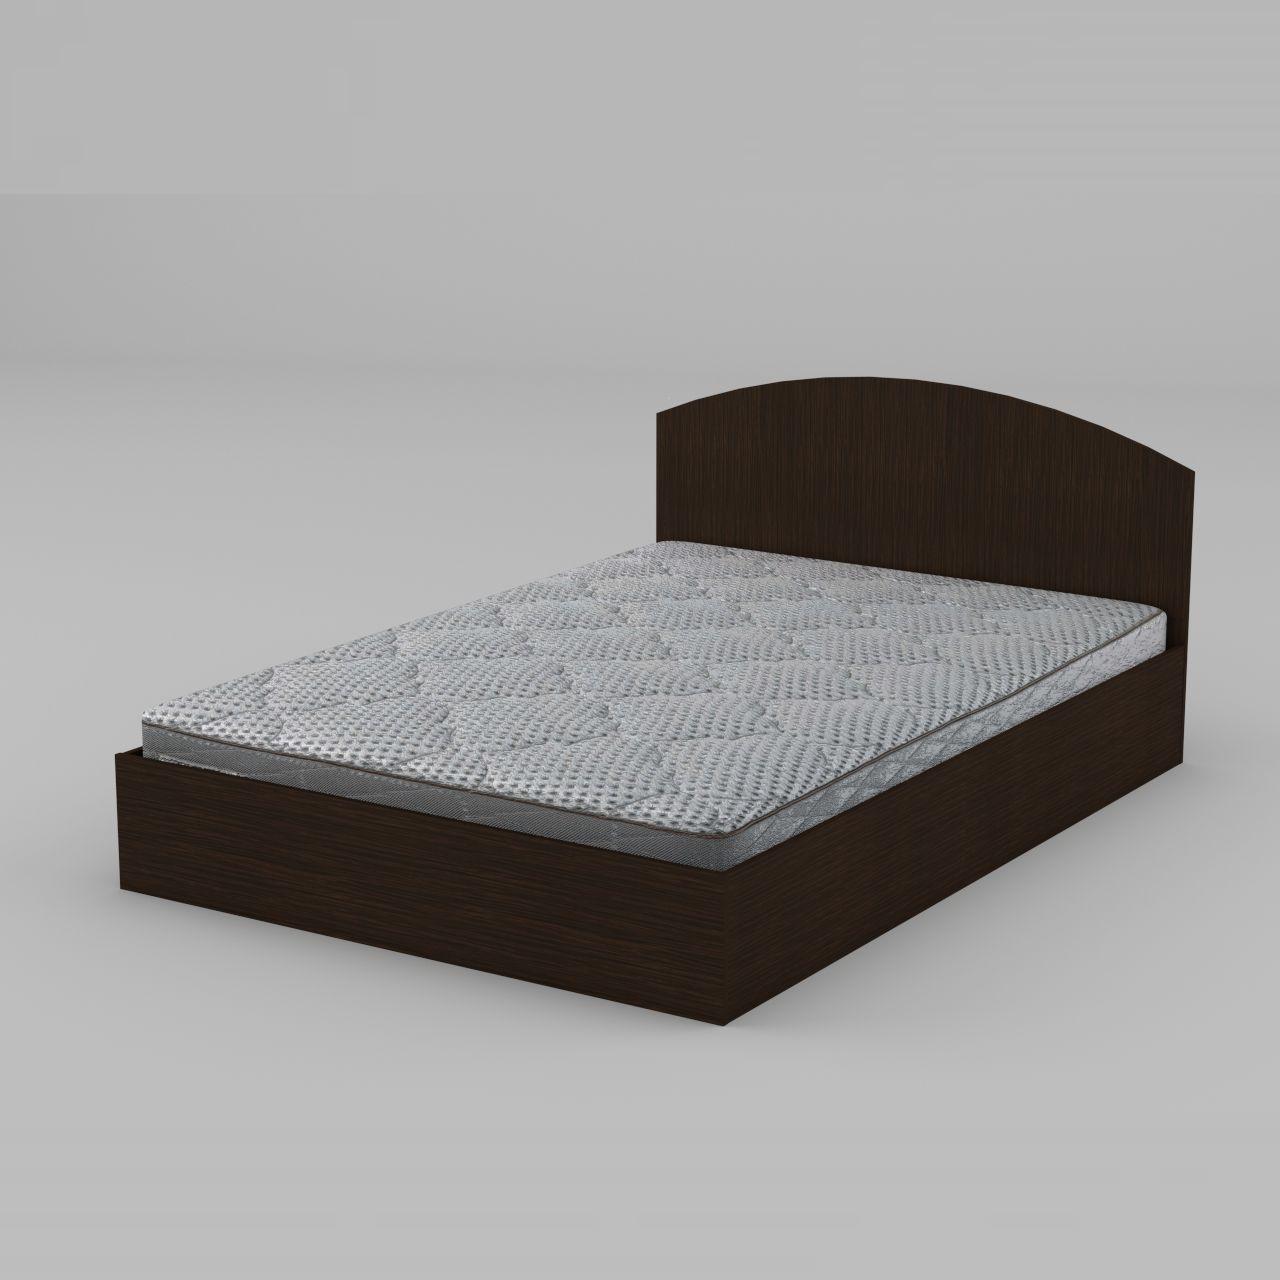 Ліжко Компаніт 140 1444х750х2042 мм венге